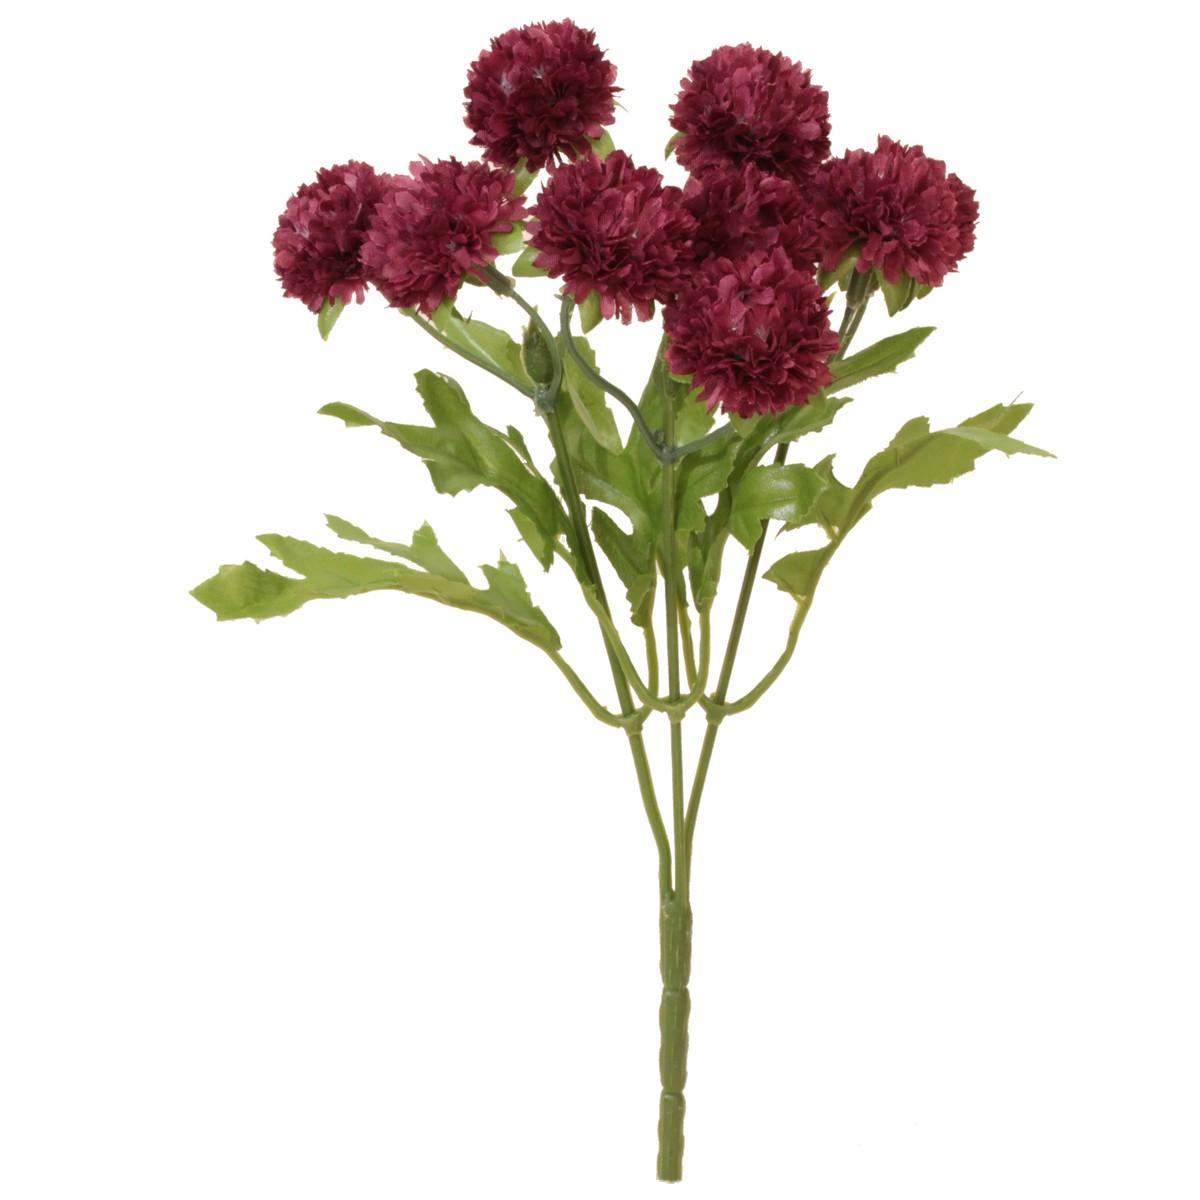 【造花】パレ/マムブッシュ プラム/P-8282-80【01】【取寄】[24本]《 造花(アーティフィシャルフラワー) 造花 花材「か行」 キク(菊)・ピンポンマム 》